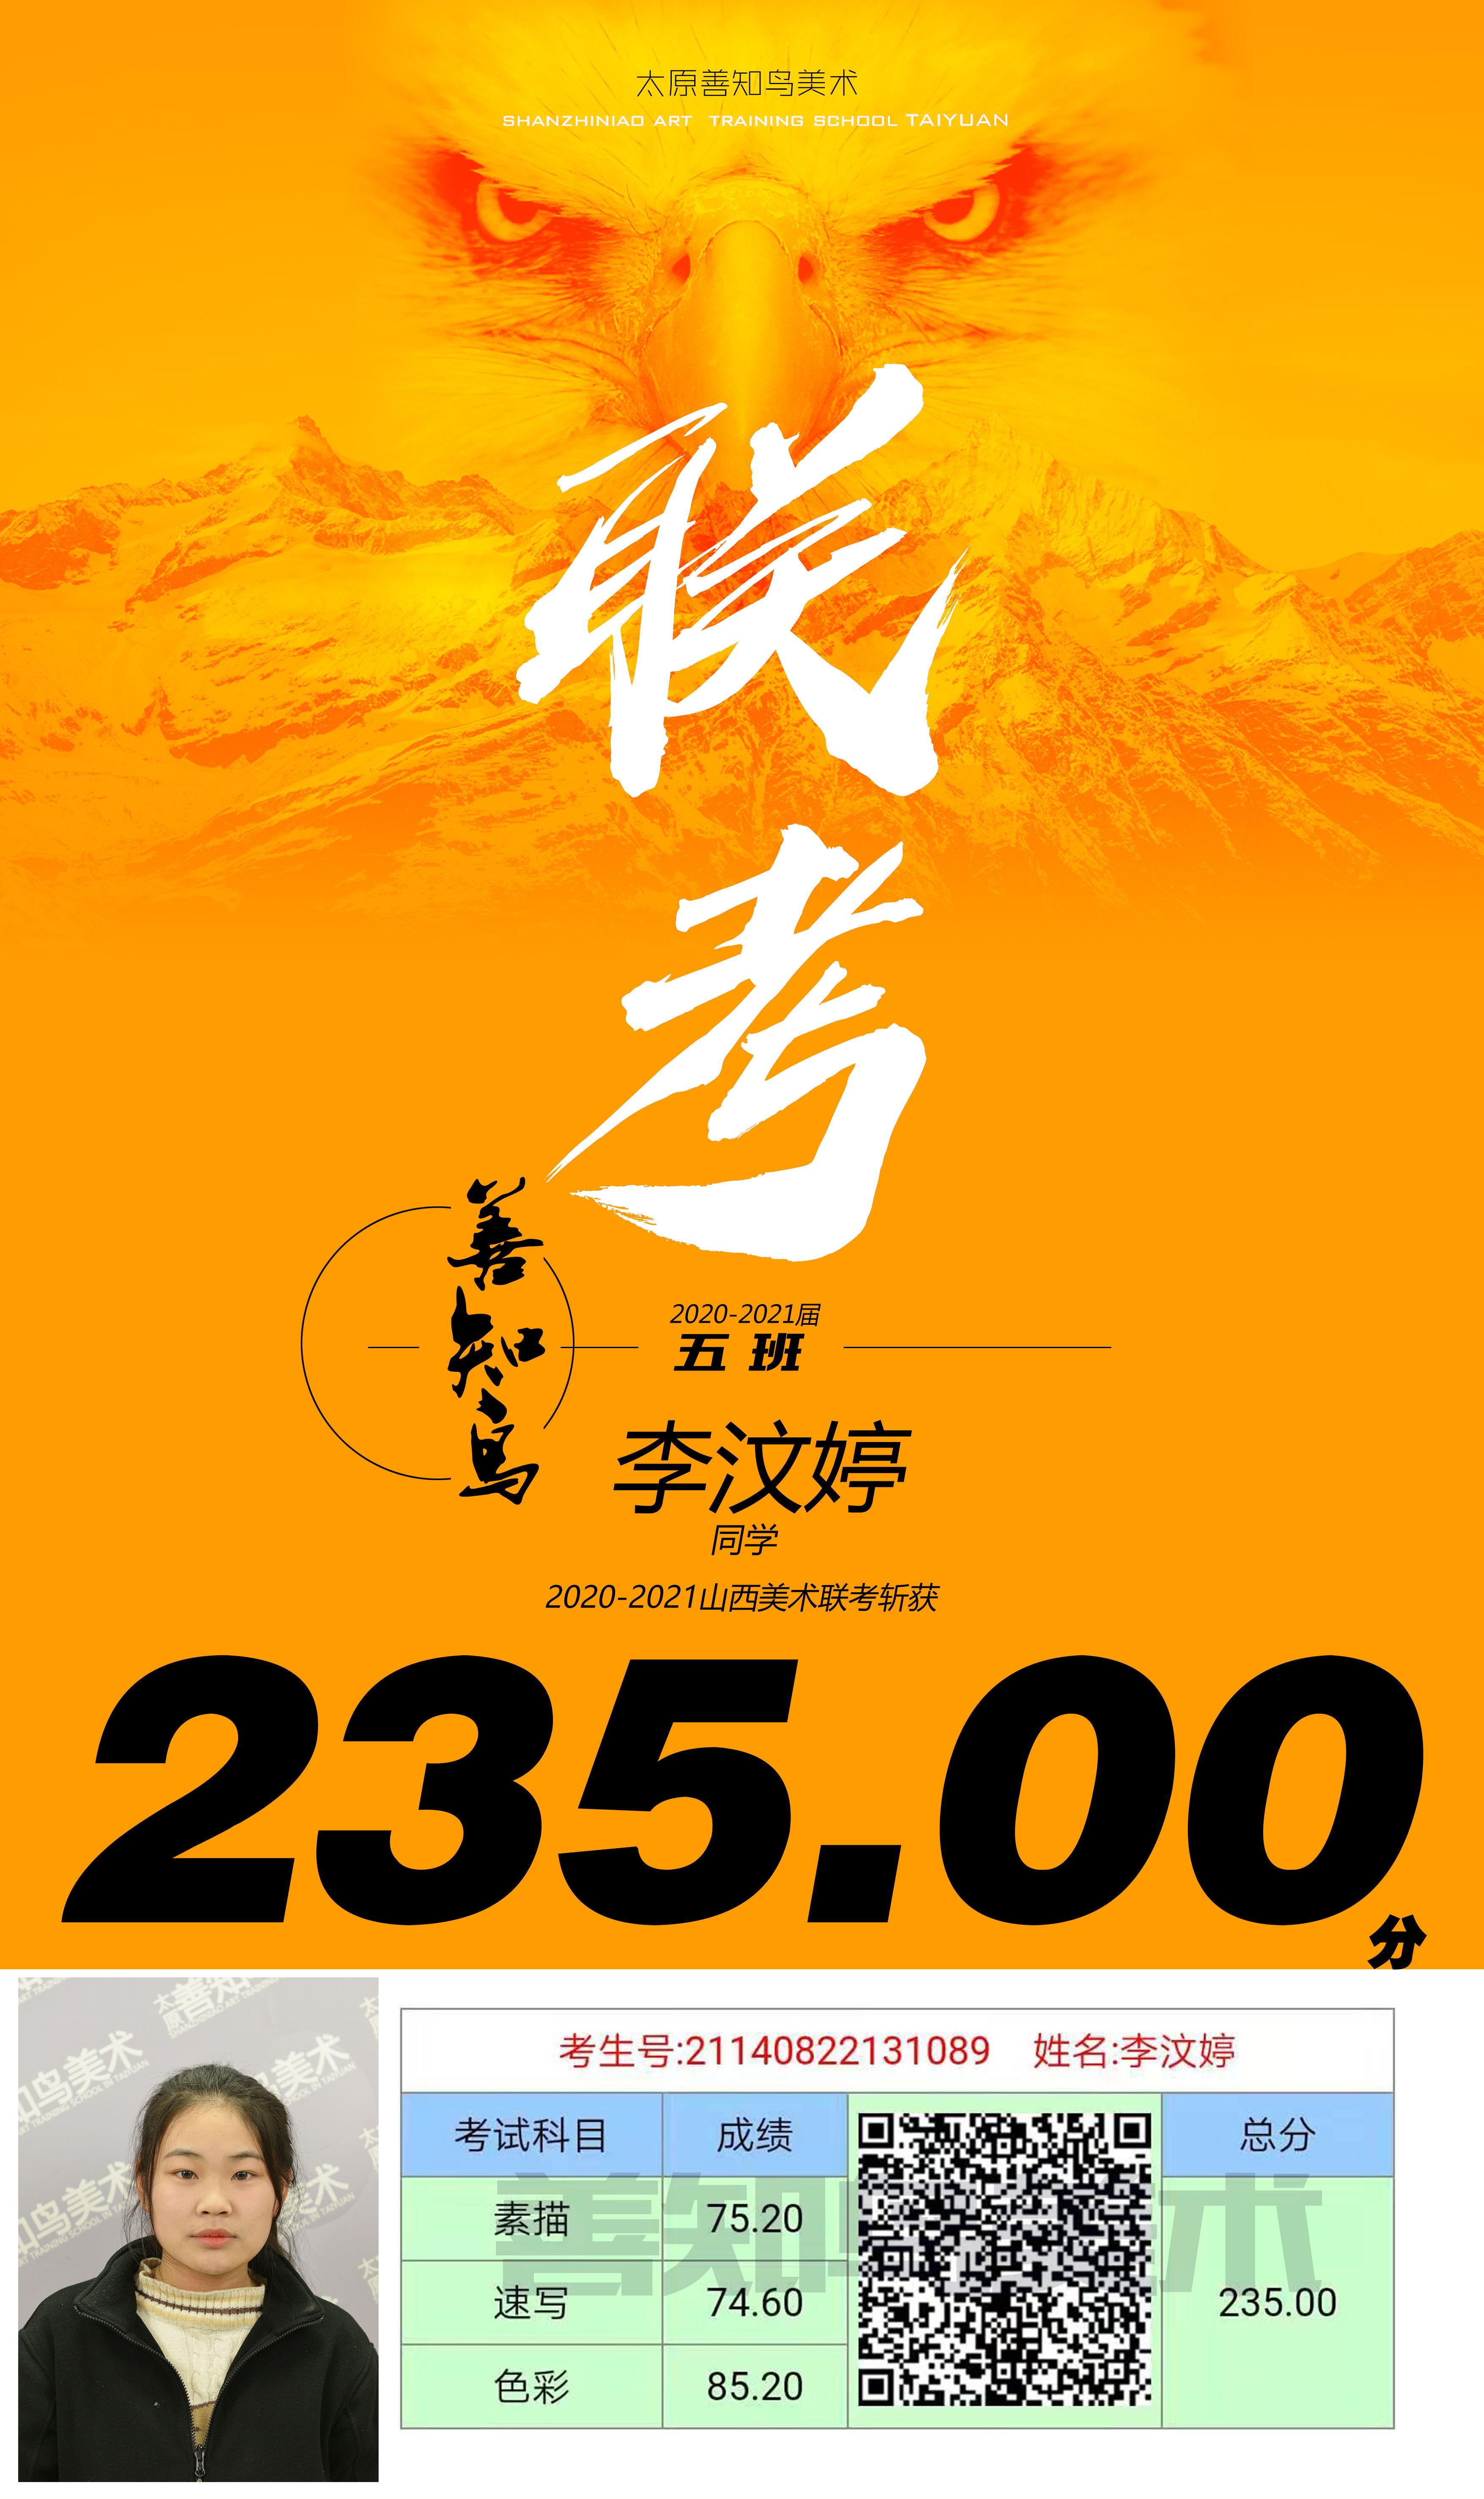 235.00李汶婷.jpg